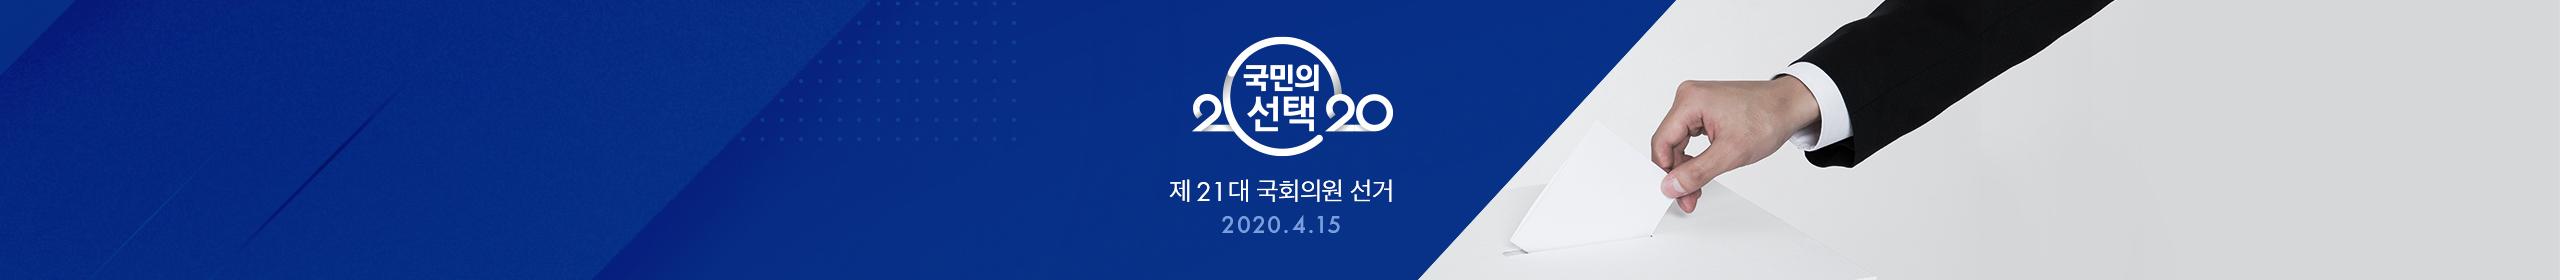 선거특집영상